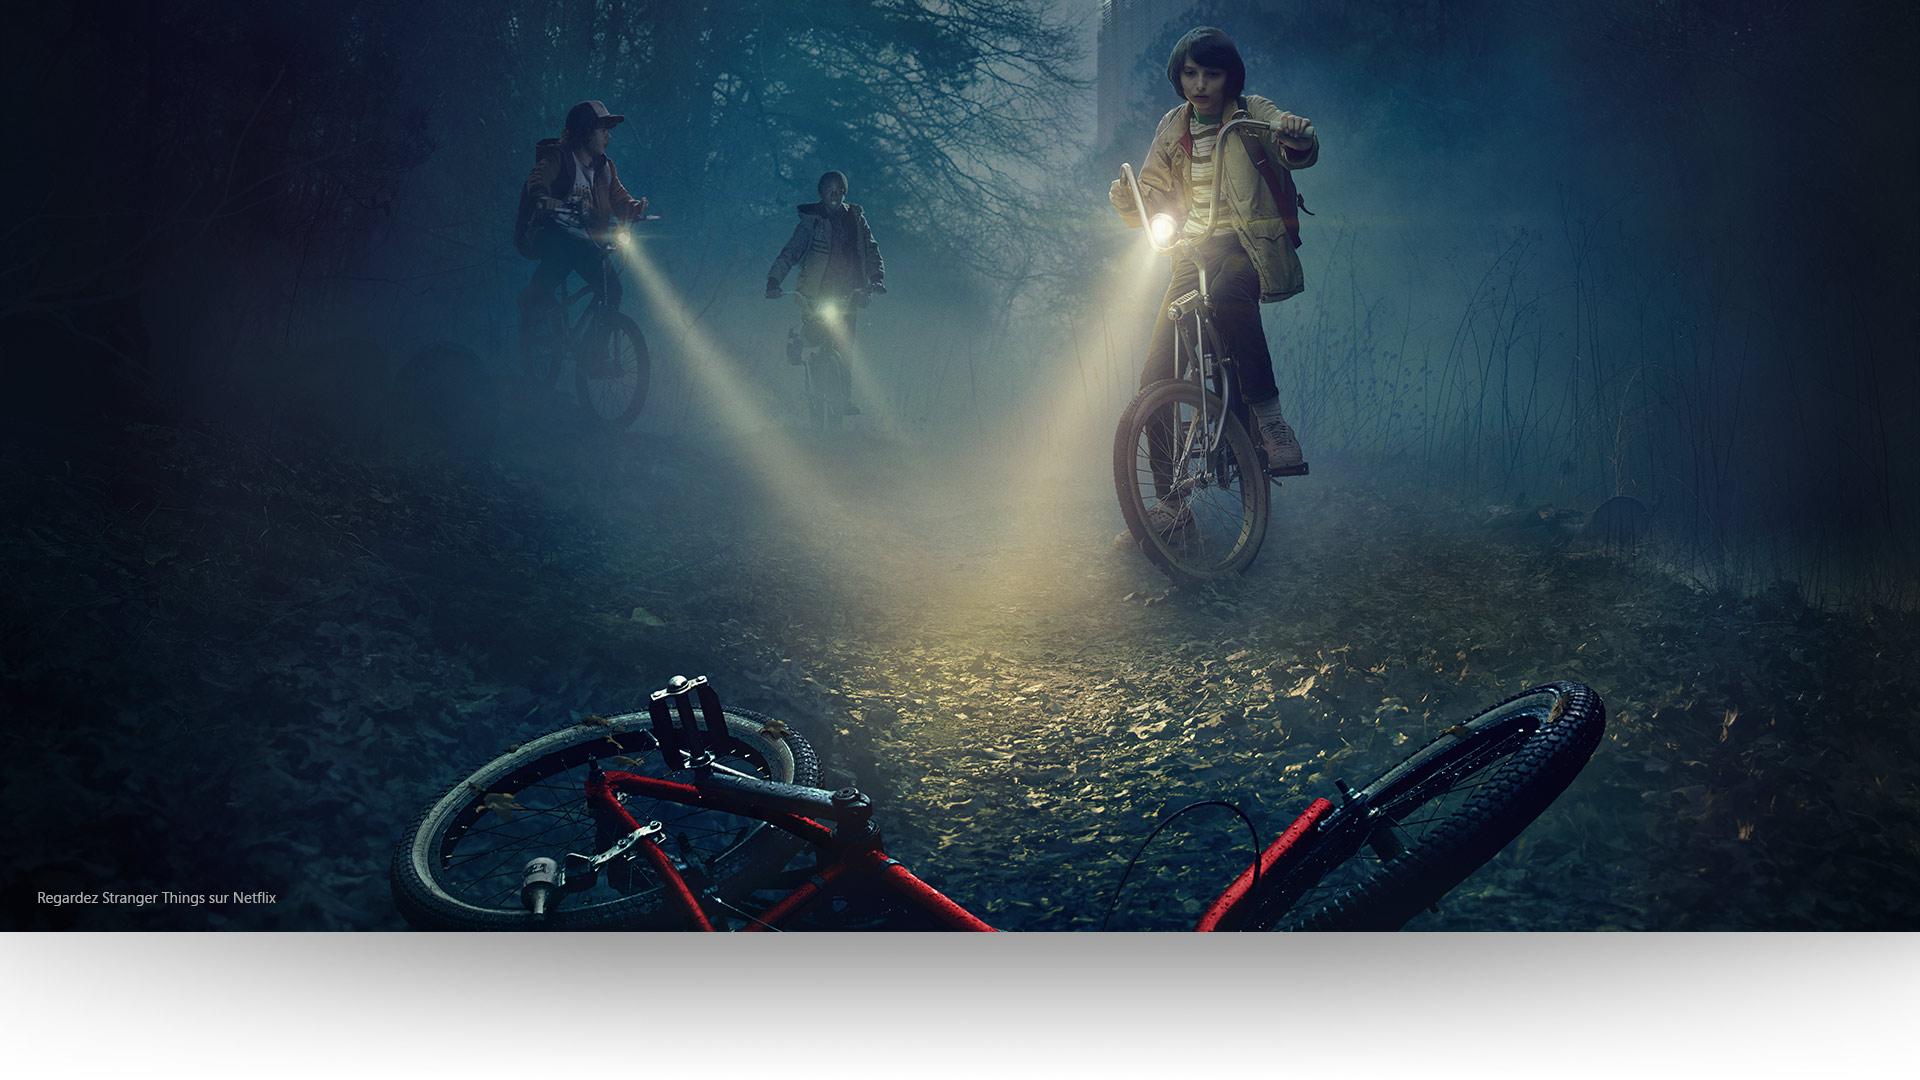 Une scène de Stranger Things dans laquelle les enfants découvrent un vélo dans les bois